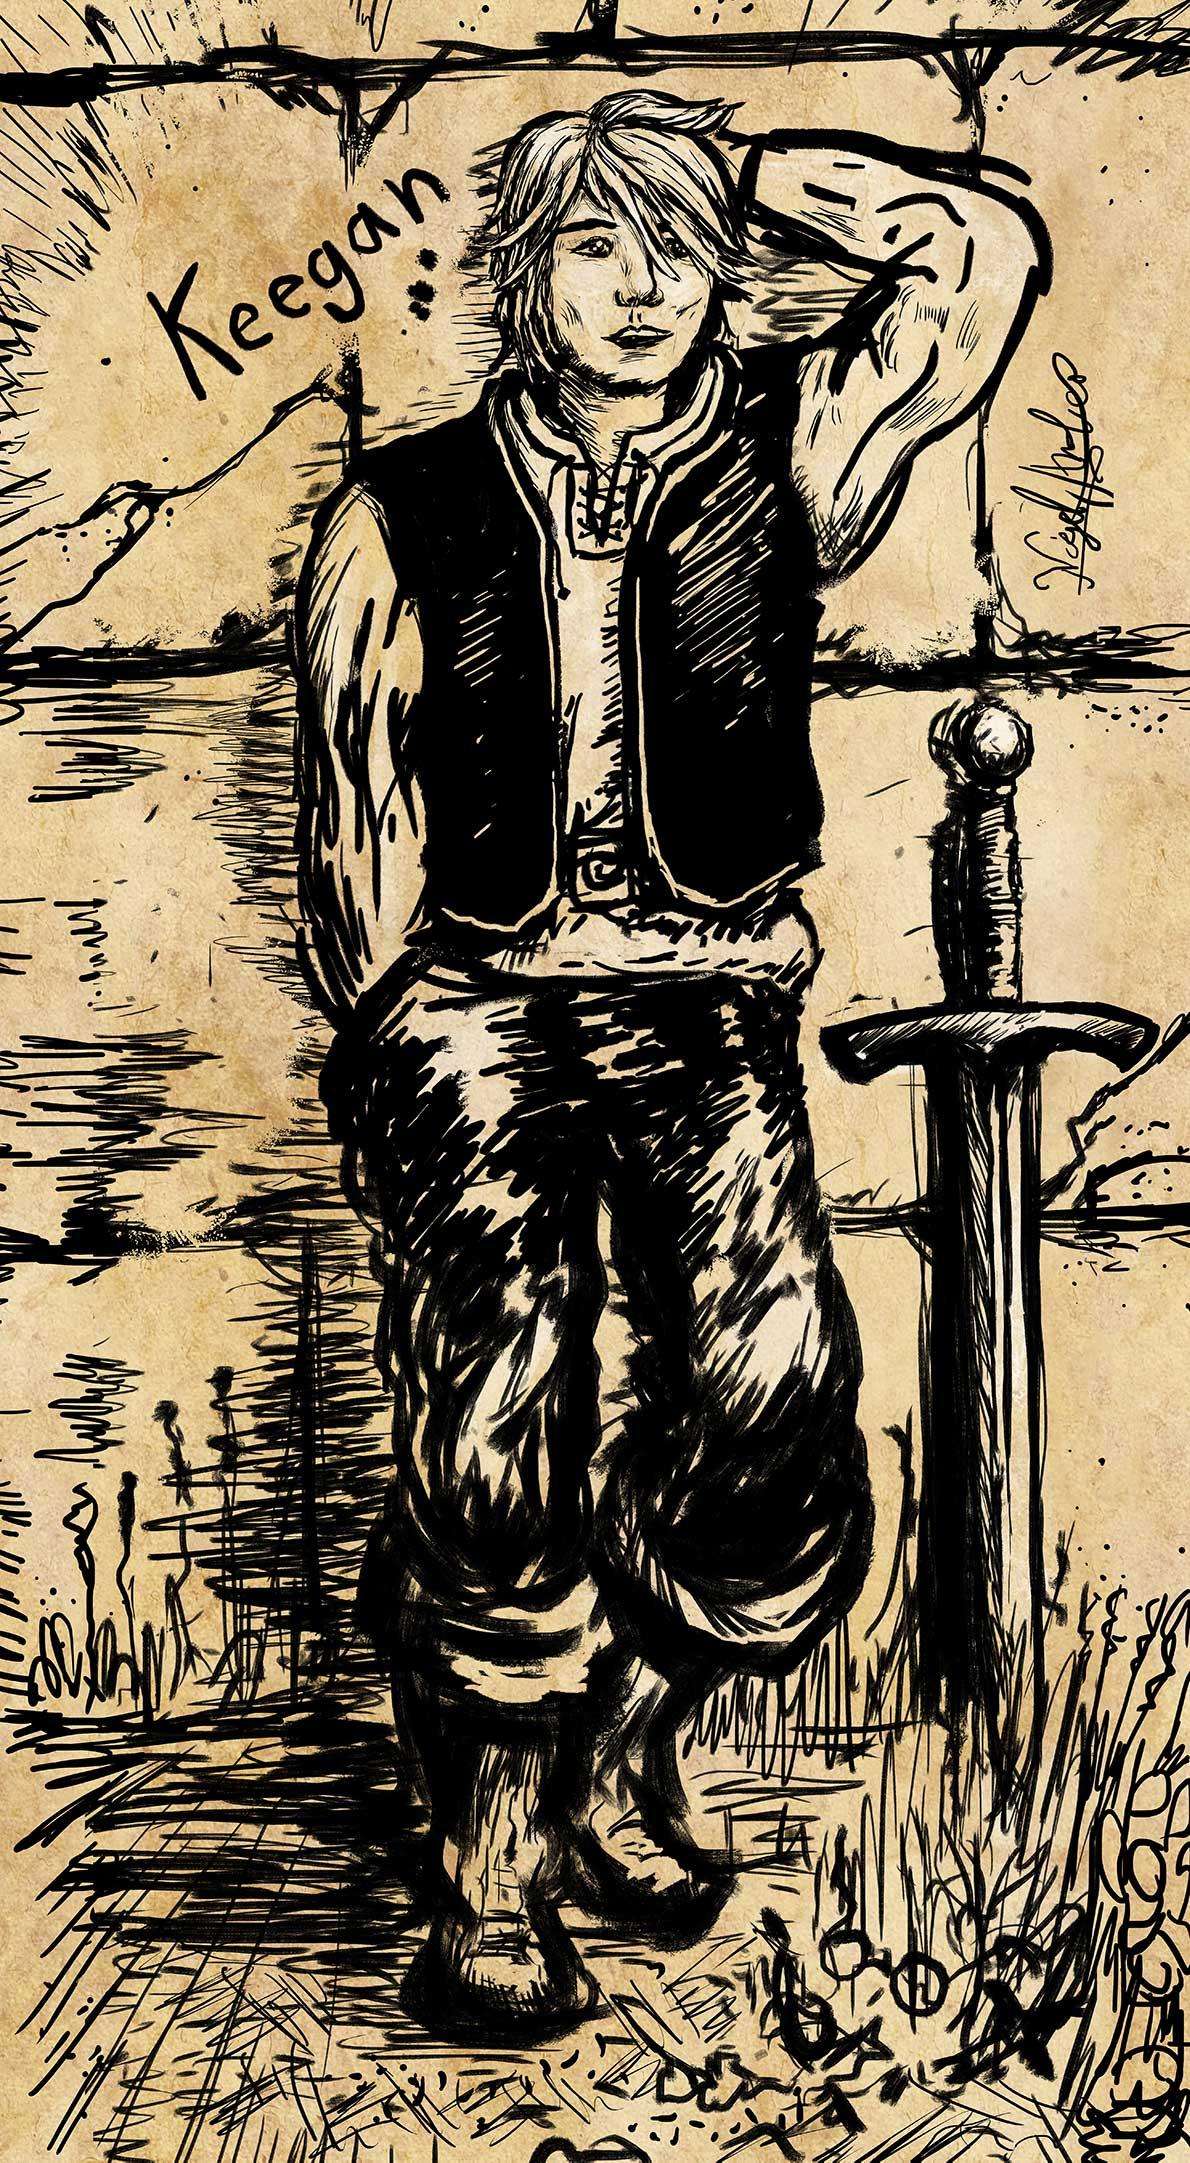 Keegan - Tales of the Wovlen - Drawn by Nigel Andreola